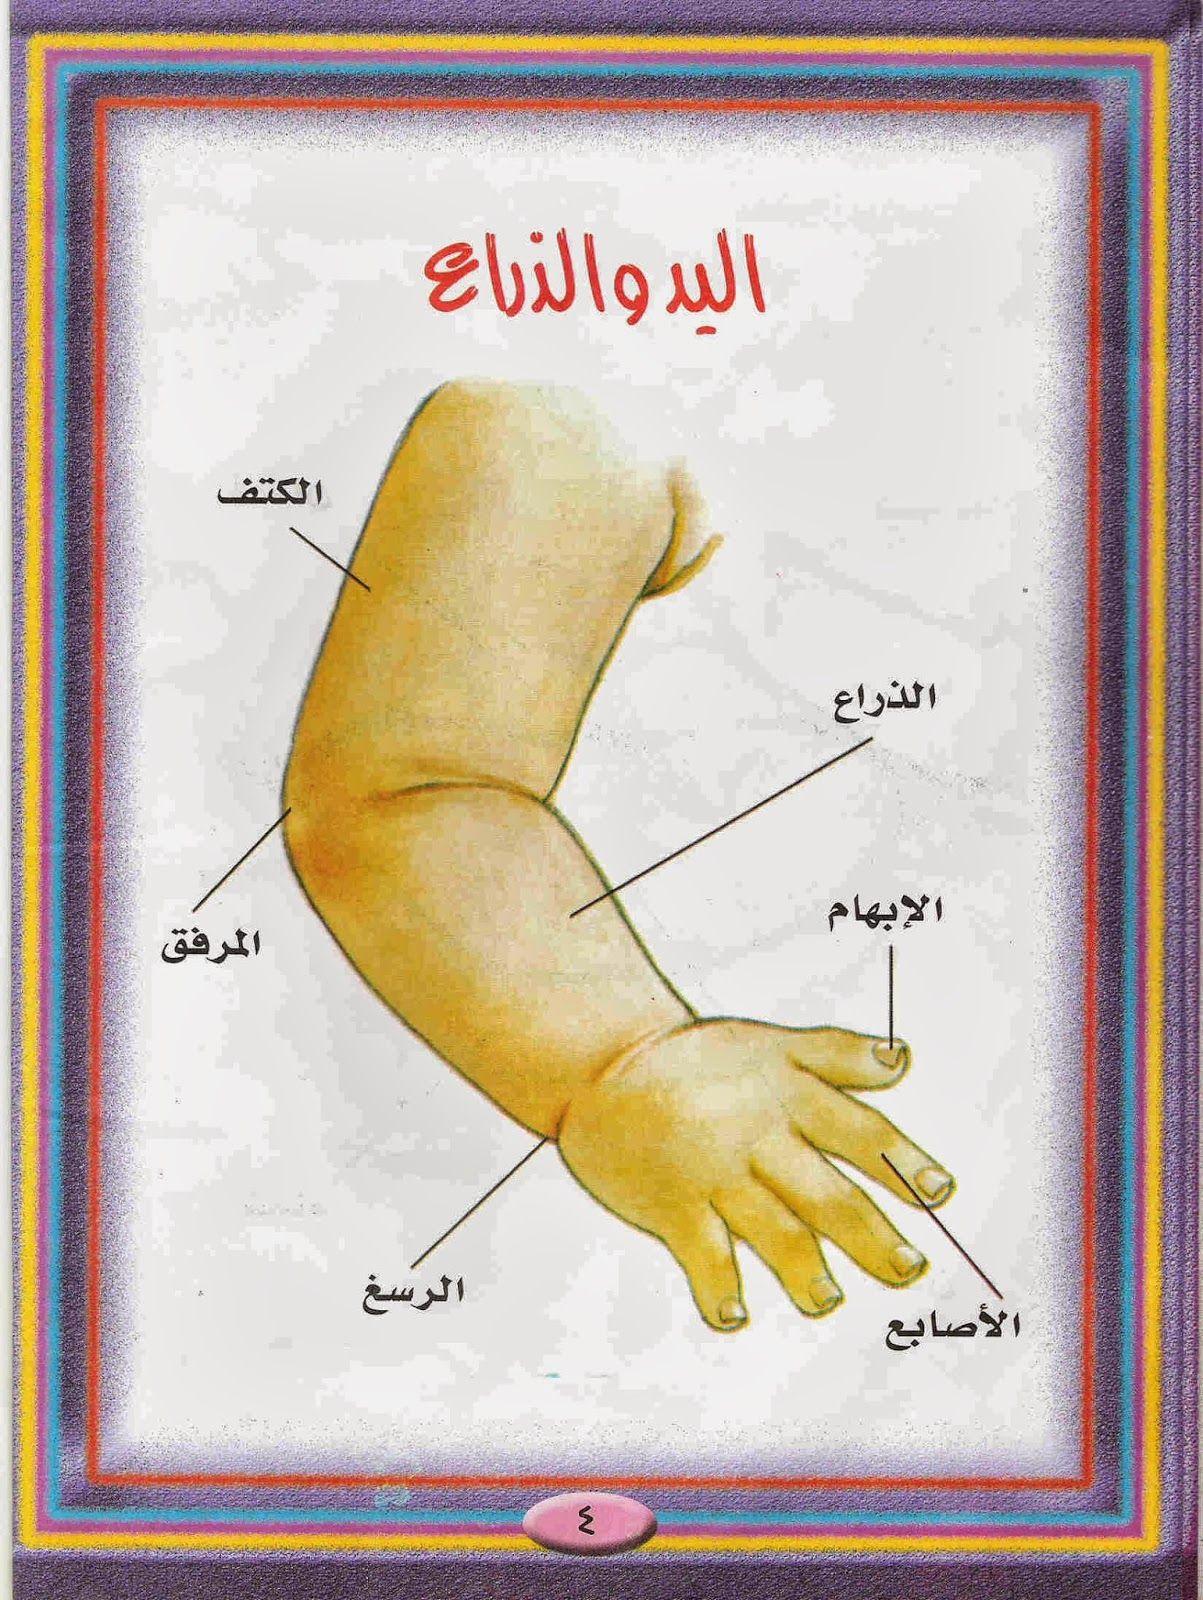 روضة العلم للاطفال اجزاء جسم الانسان Teach Arabic Arabic Lessons Learning Arabic